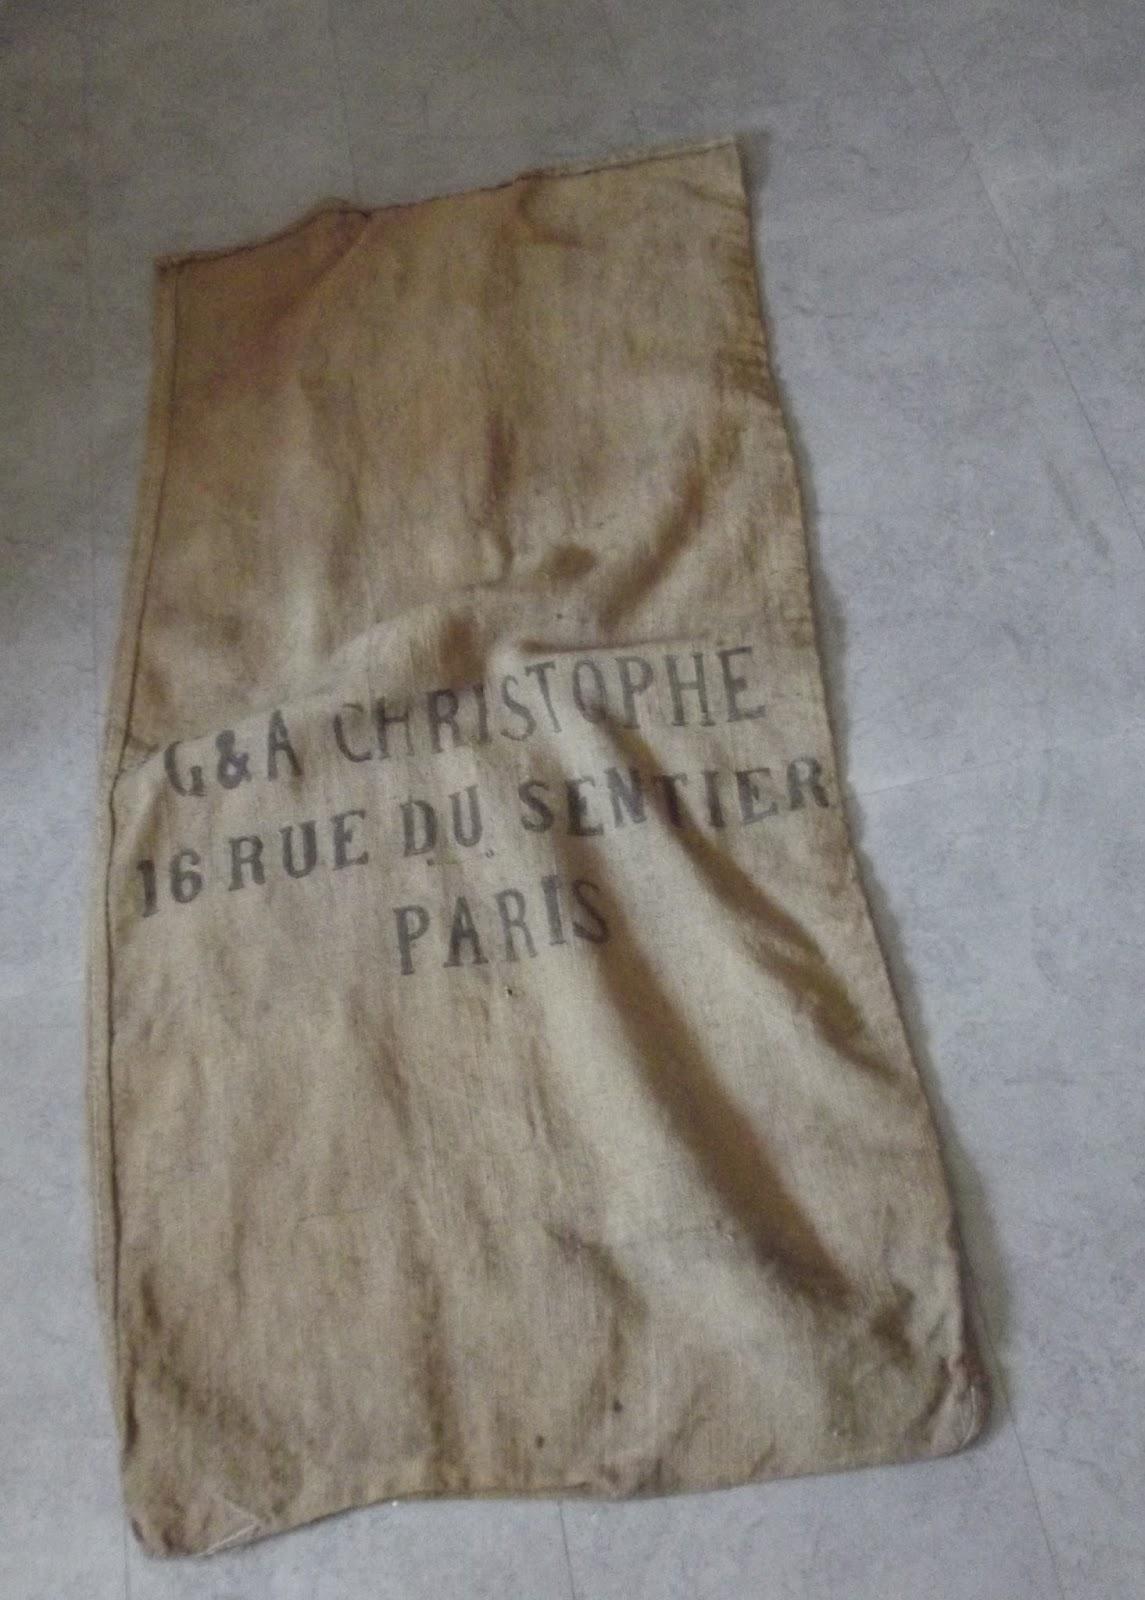 ancien sac a patates en toile de jute le sentier a paris art populaire. Black Bedroom Furniture Sets. Home Design Ideas